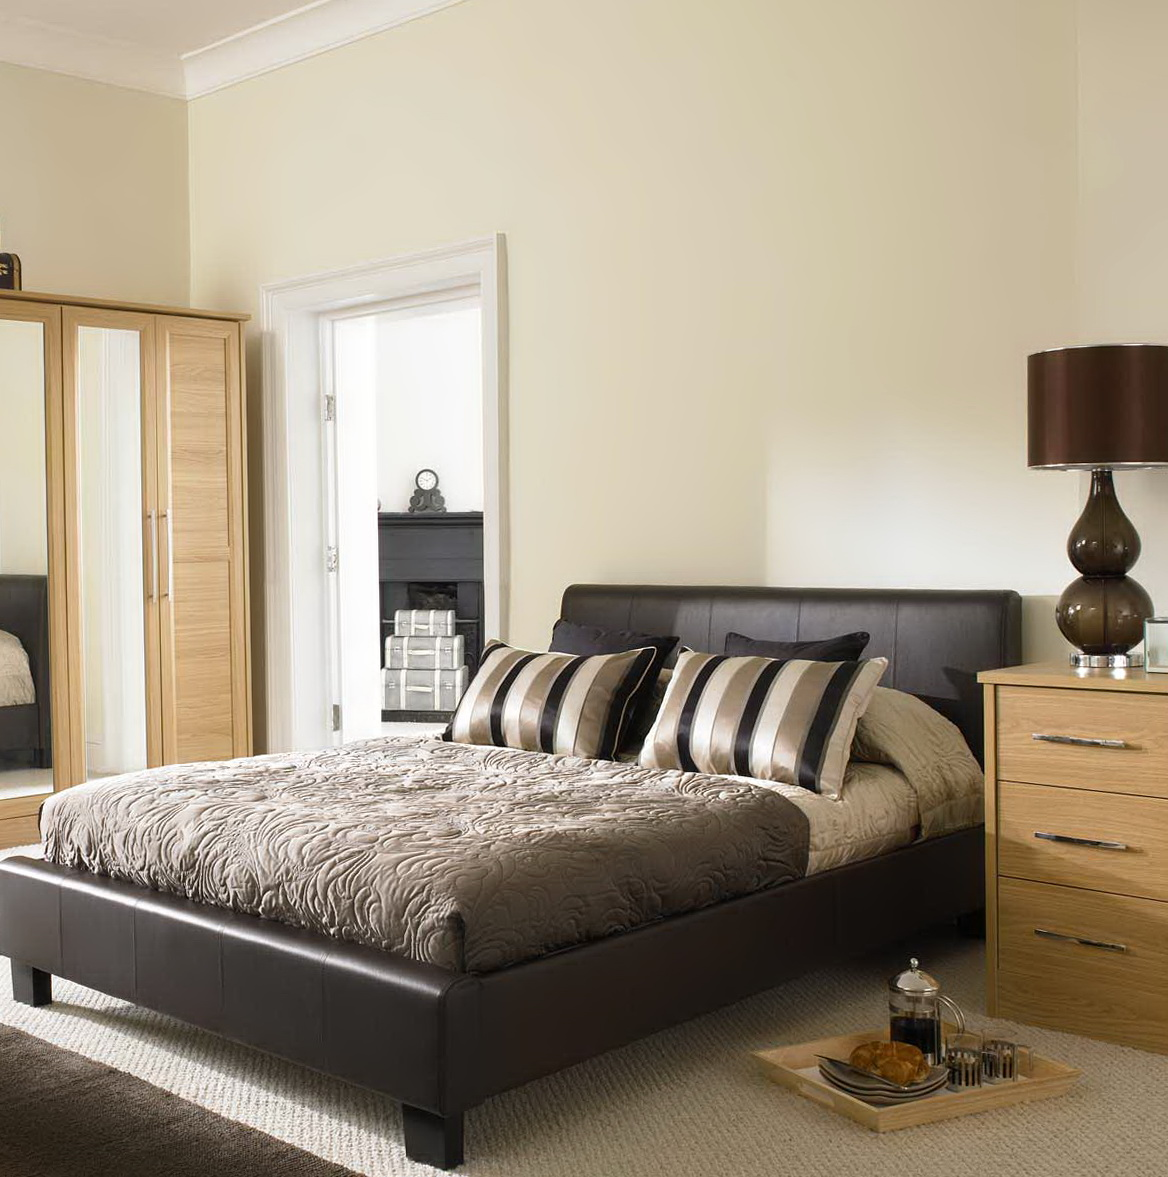 King Size Bedding Sets Target